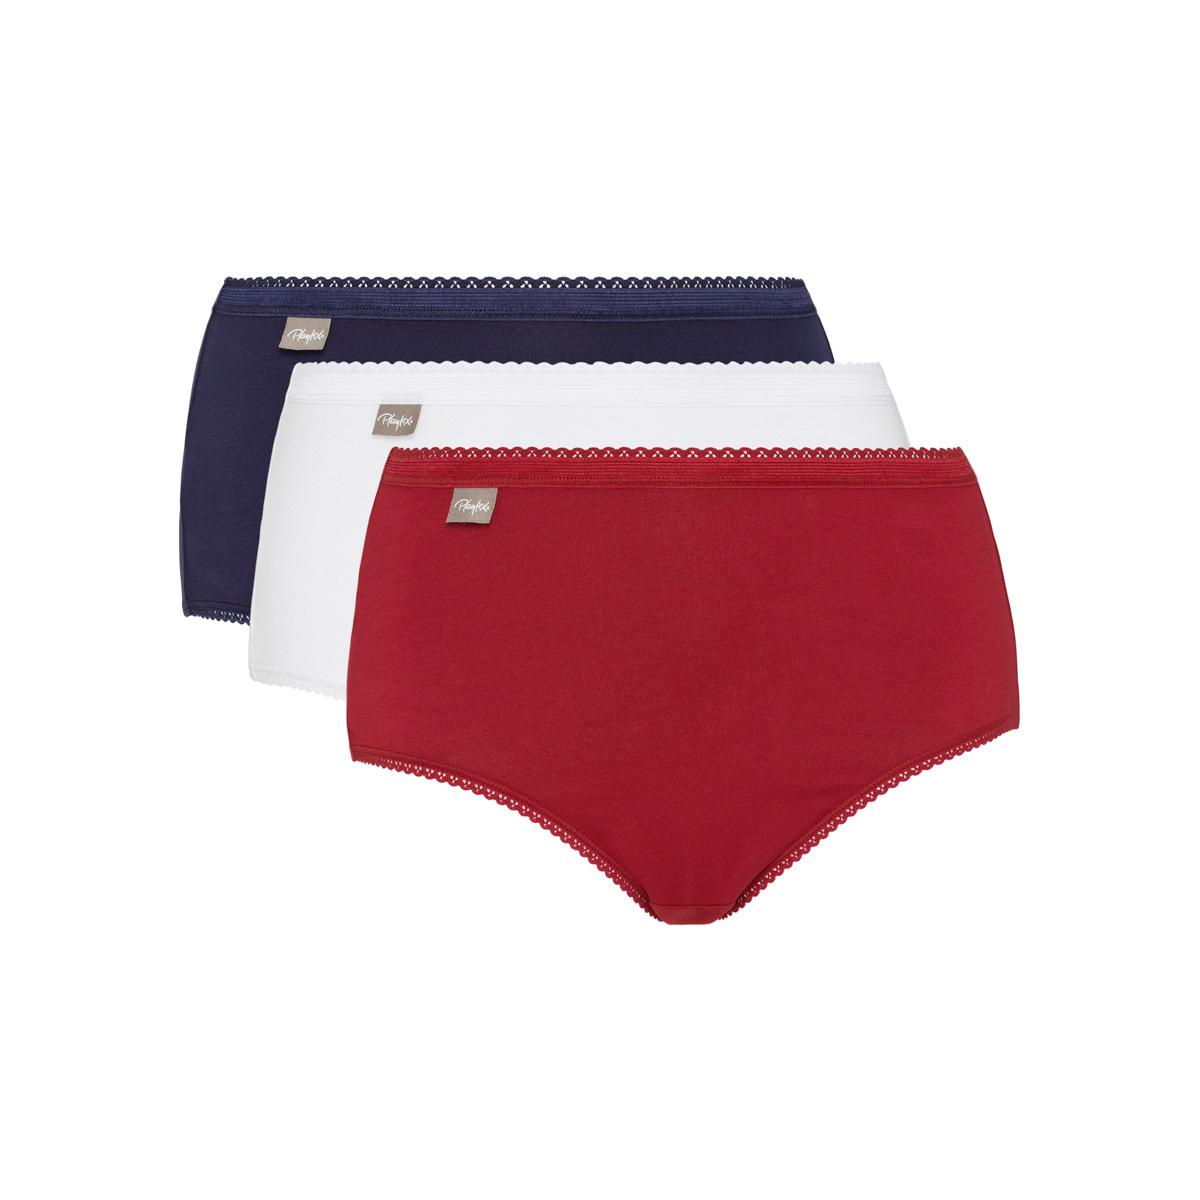 Pacco da 3 Slip Midi in cotone rosso carminio, blu marino e bianco Cotone Elasticizzato, , PLAYTEX